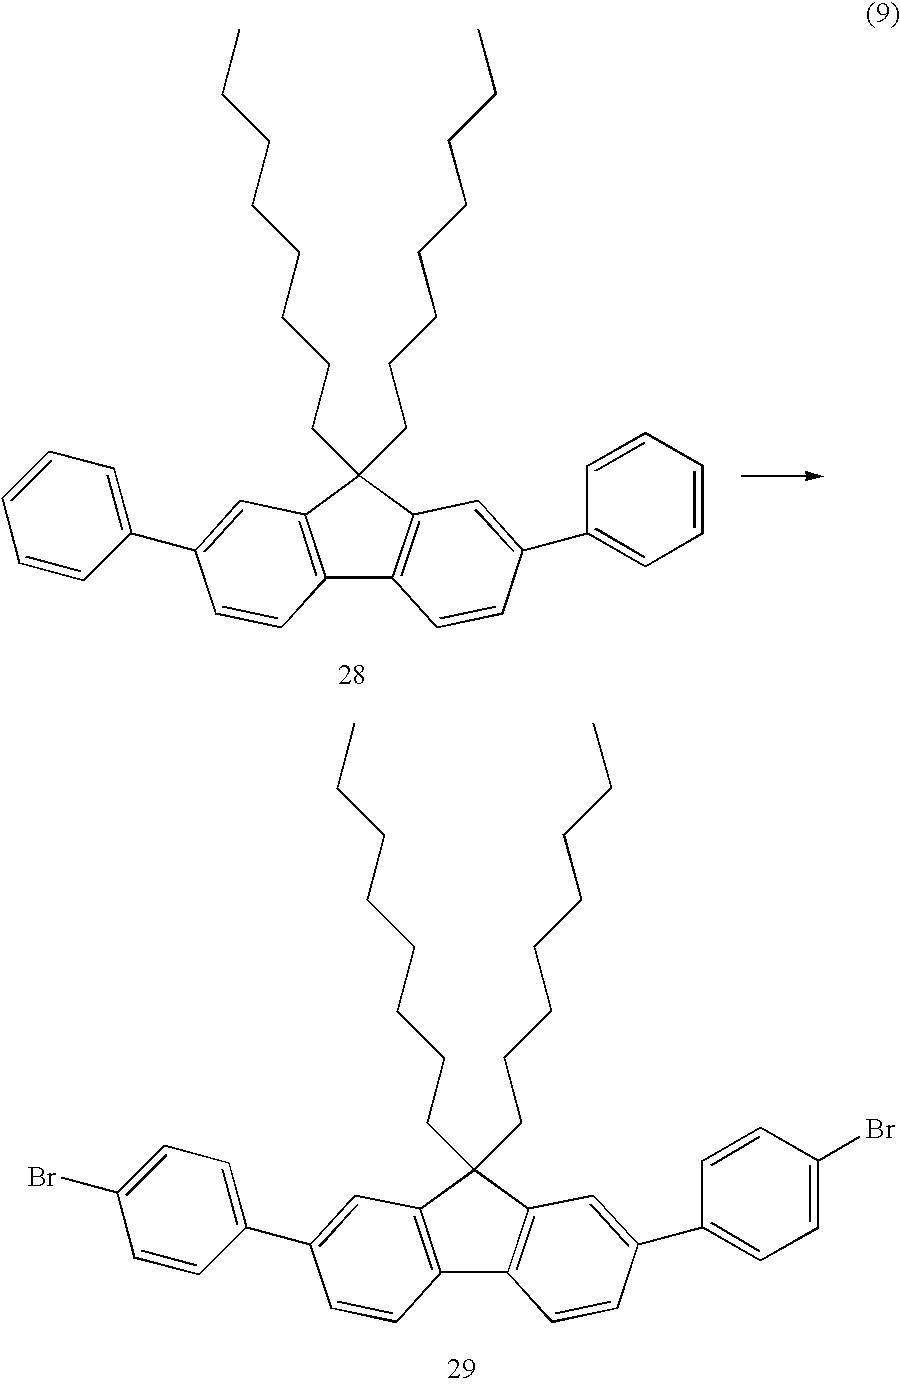 Figure US20100252819A1-20101007-C00035